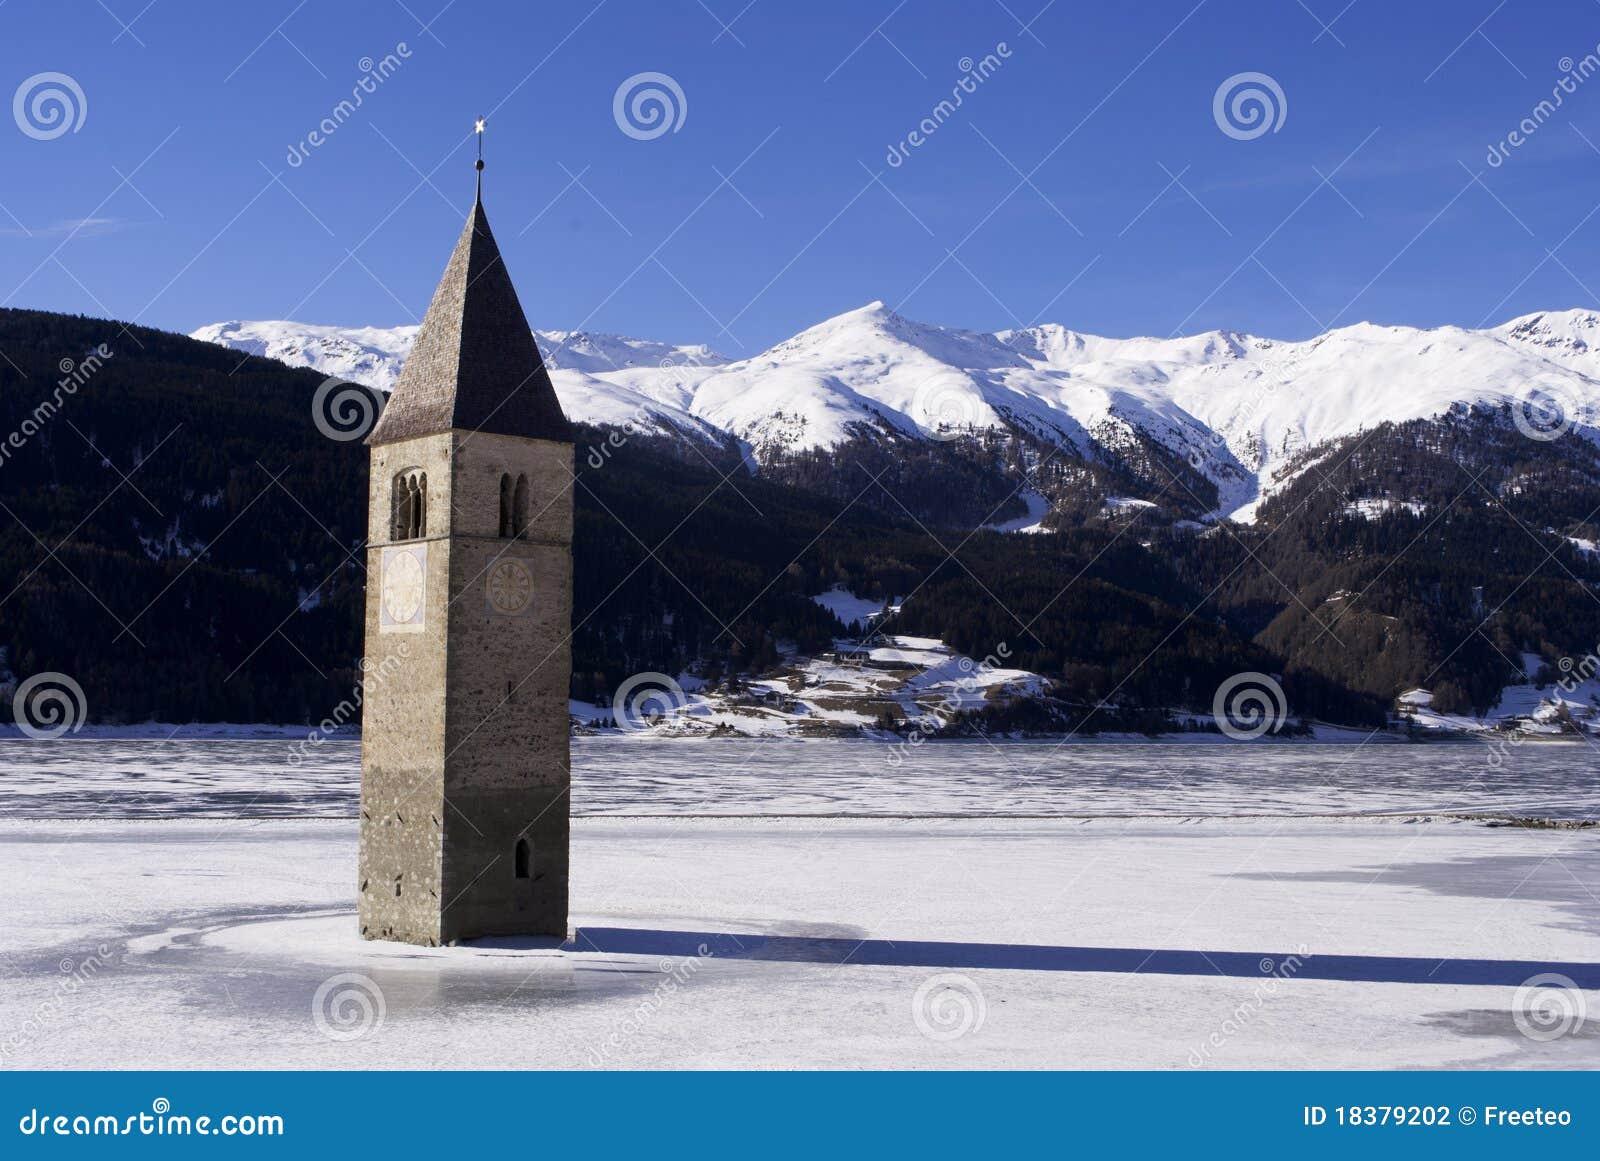 башня льда колокола